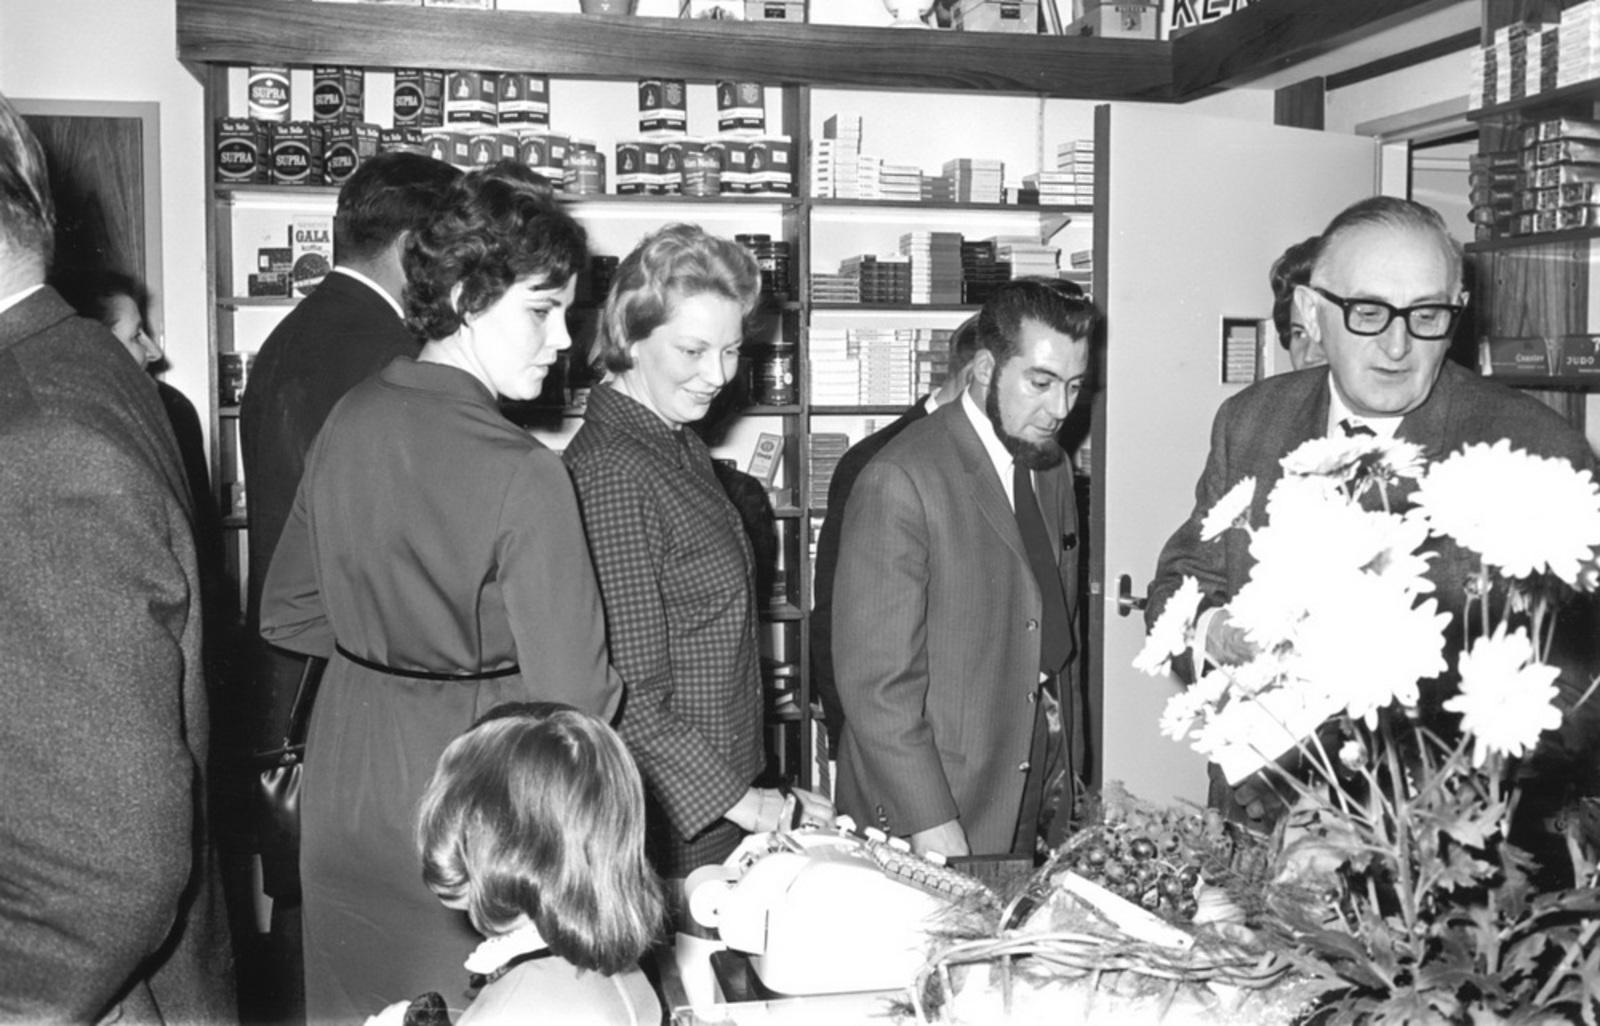 Marktlaan O 0022 1963 Opening Nieuwe Winkel Kraak 25